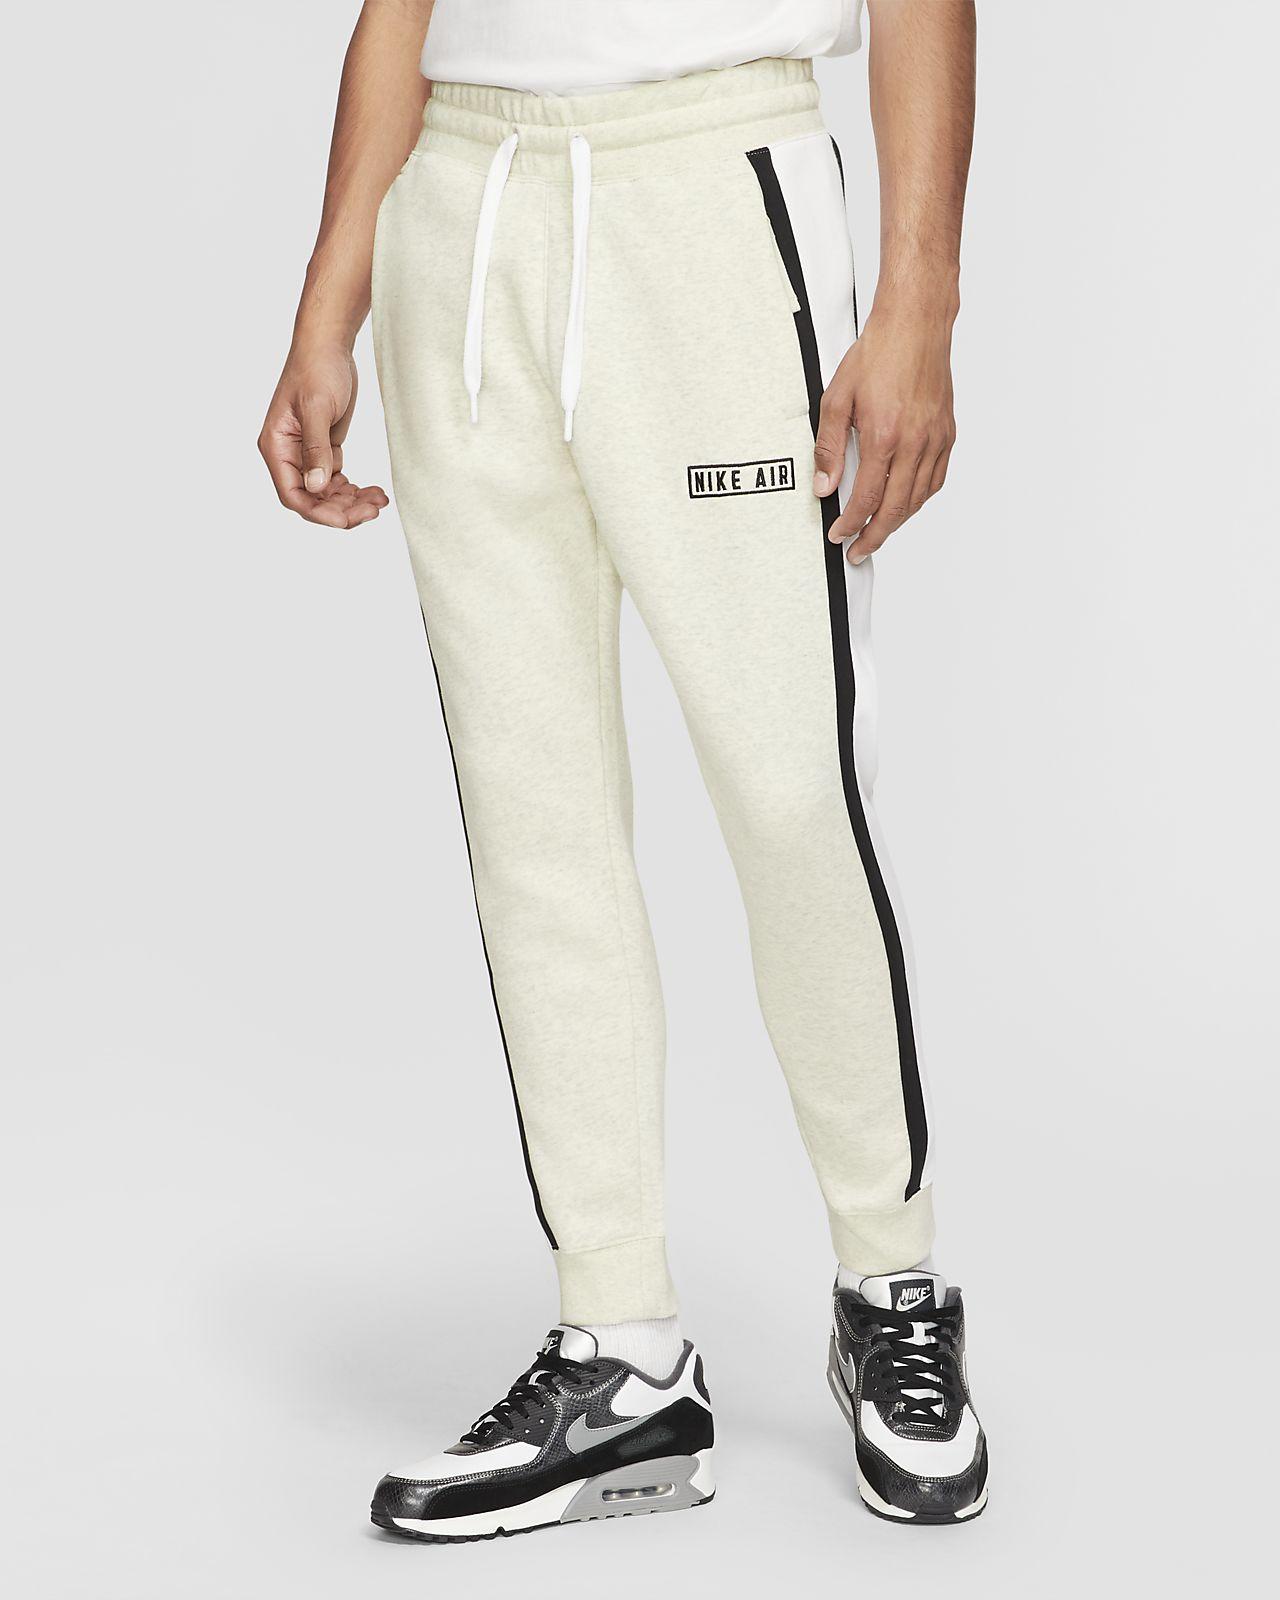 Pánské flísové kalhoty Nike Air